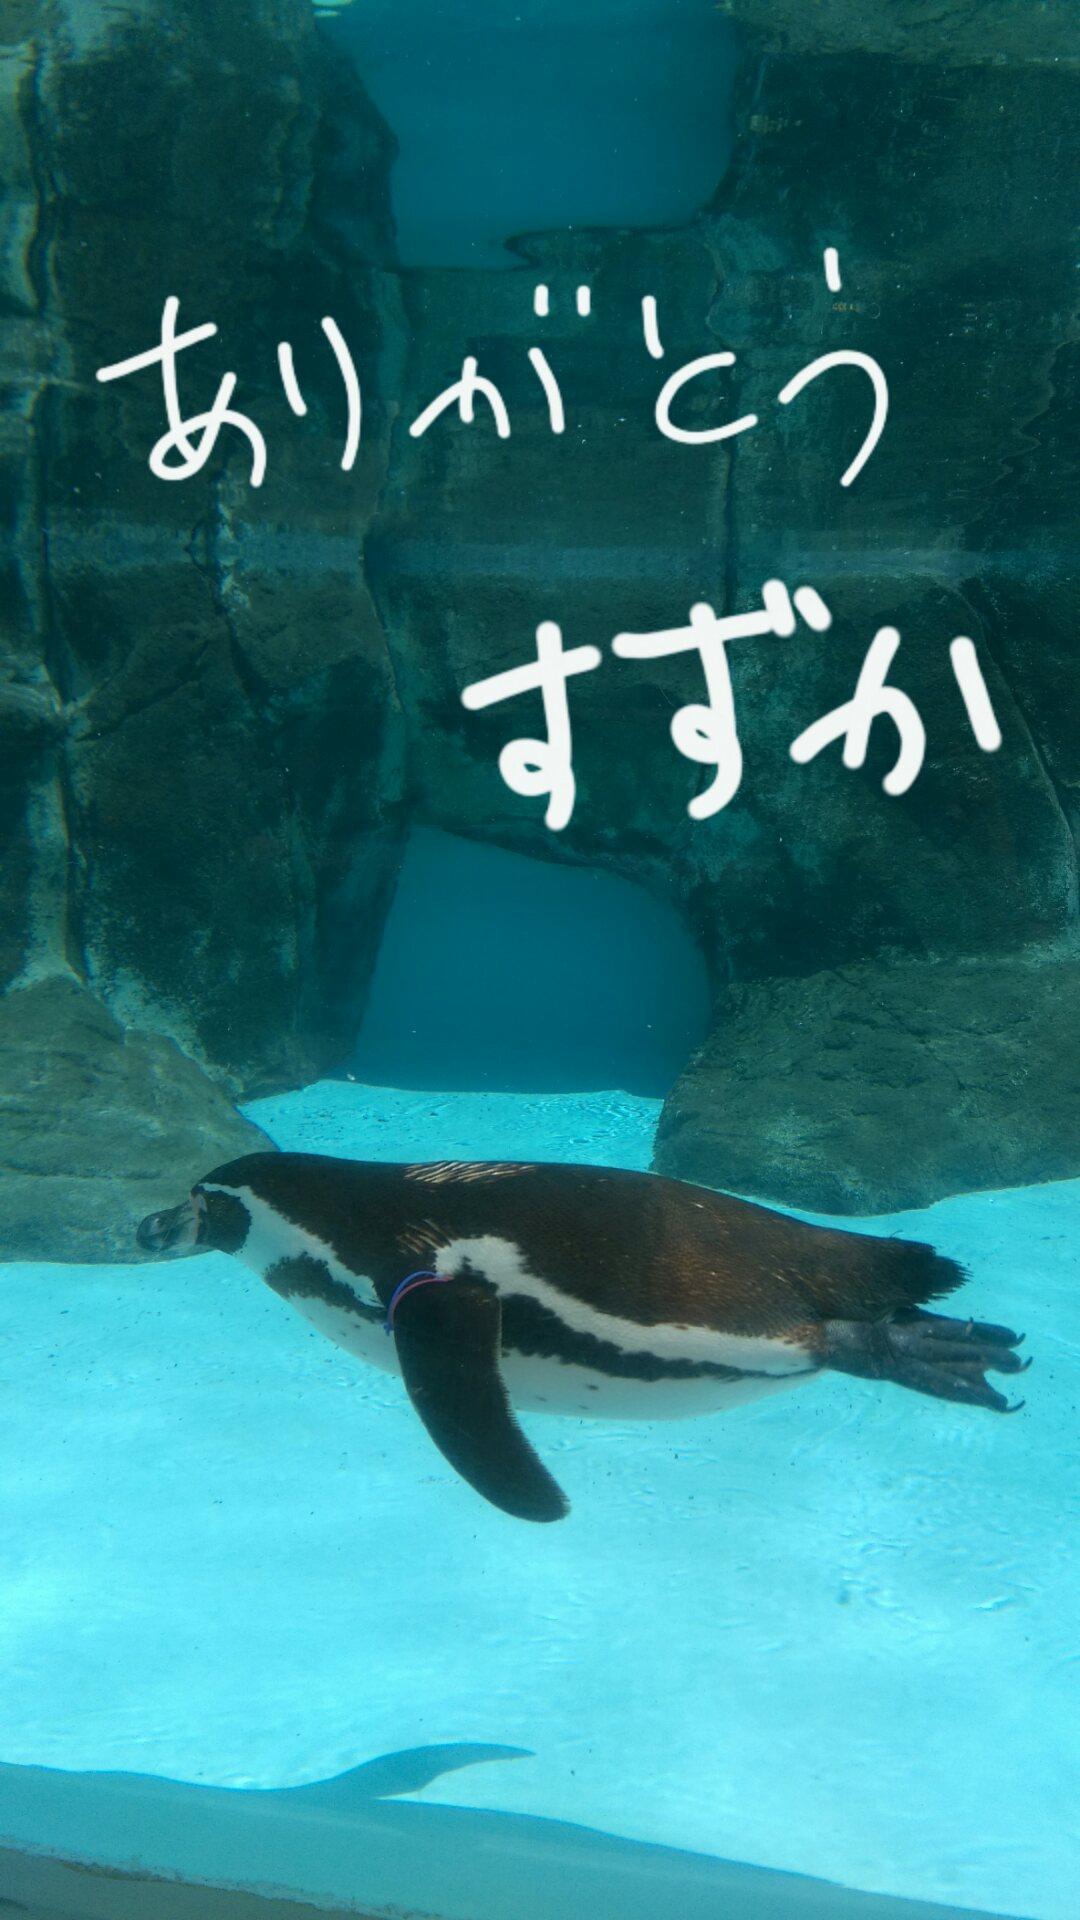 「鈴華です!(⌒_⌒)」04/28(金) 23:34 | 鈴華(すずか)の写メ・風俗動画